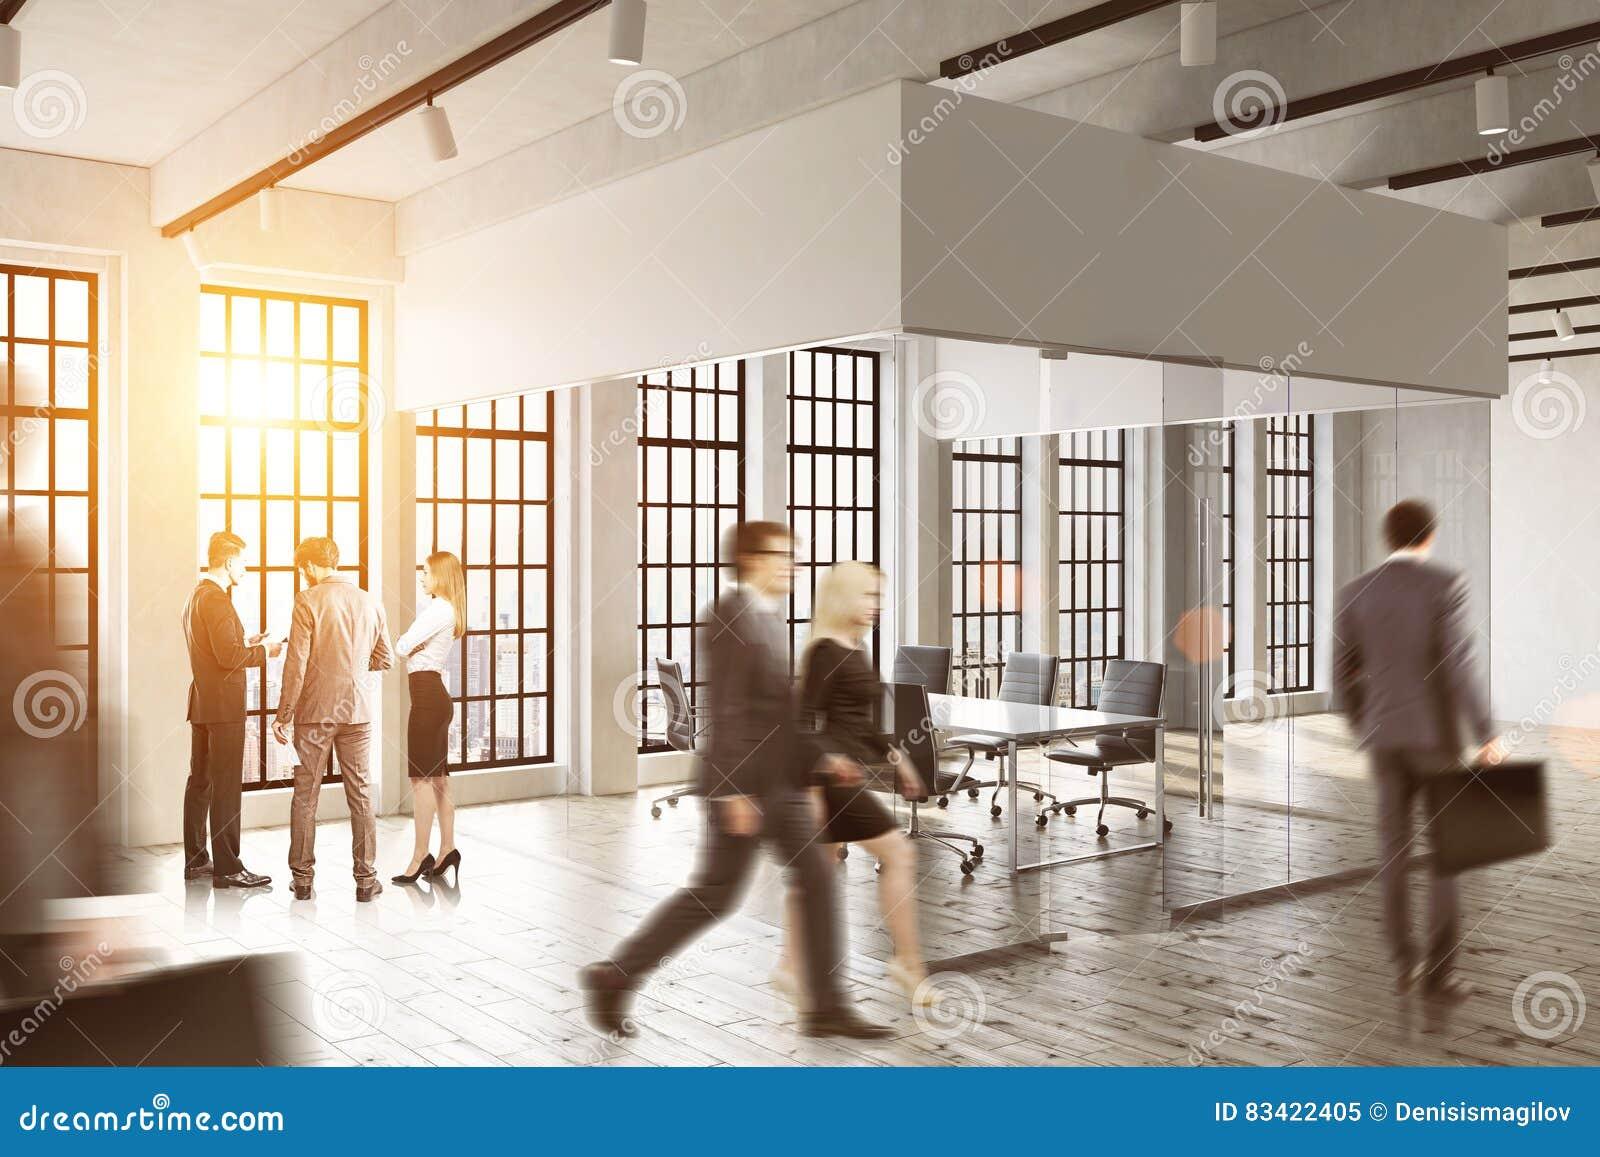 R Luz solar brilhante Conceito da vida do escritório